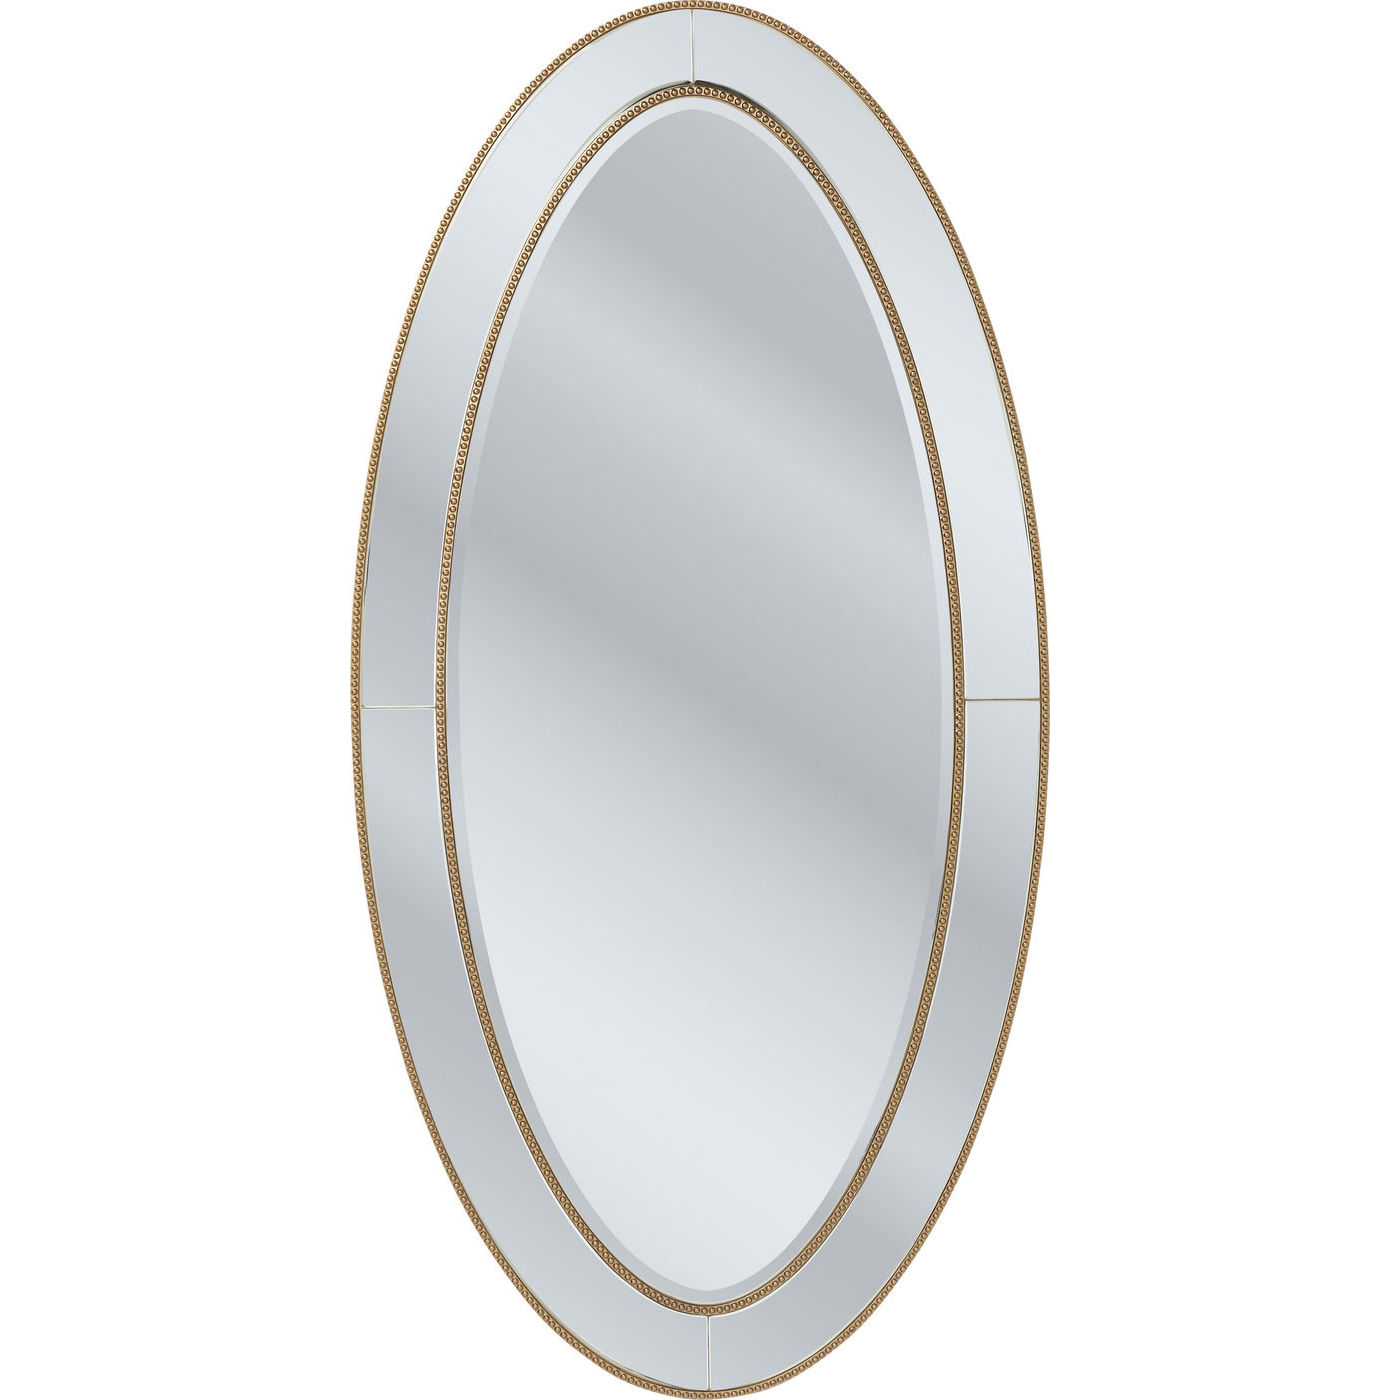 KARE DESIGN Spejl, Elite Oval 180x90cm